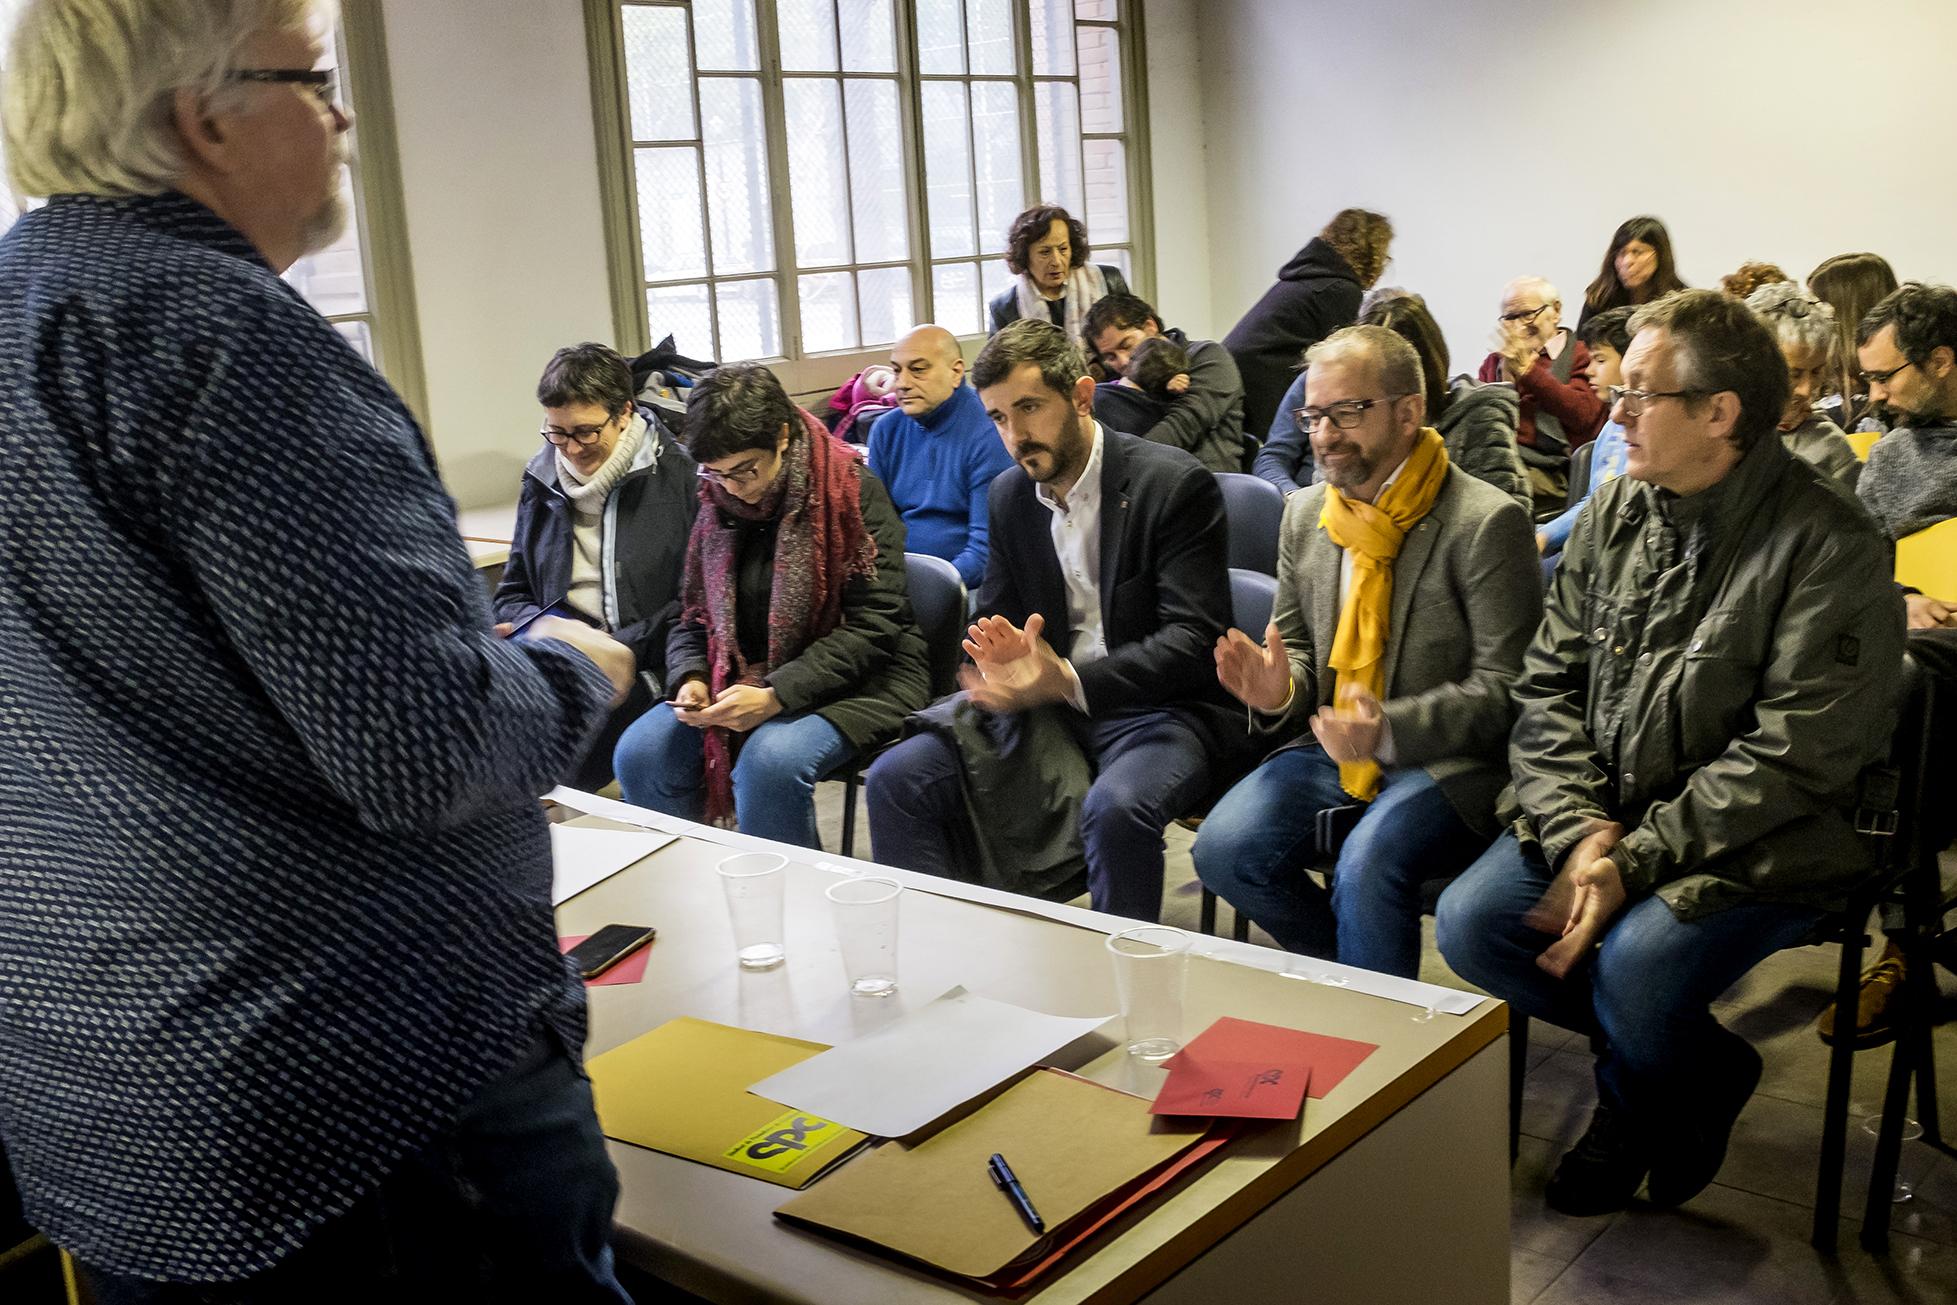 VIII Congrés SPC 2018 - Debats 2 - Foto: Joan Puig - Sindicat de Periodistes de Catalunya - Sindicat de Professionals de la Comunicació